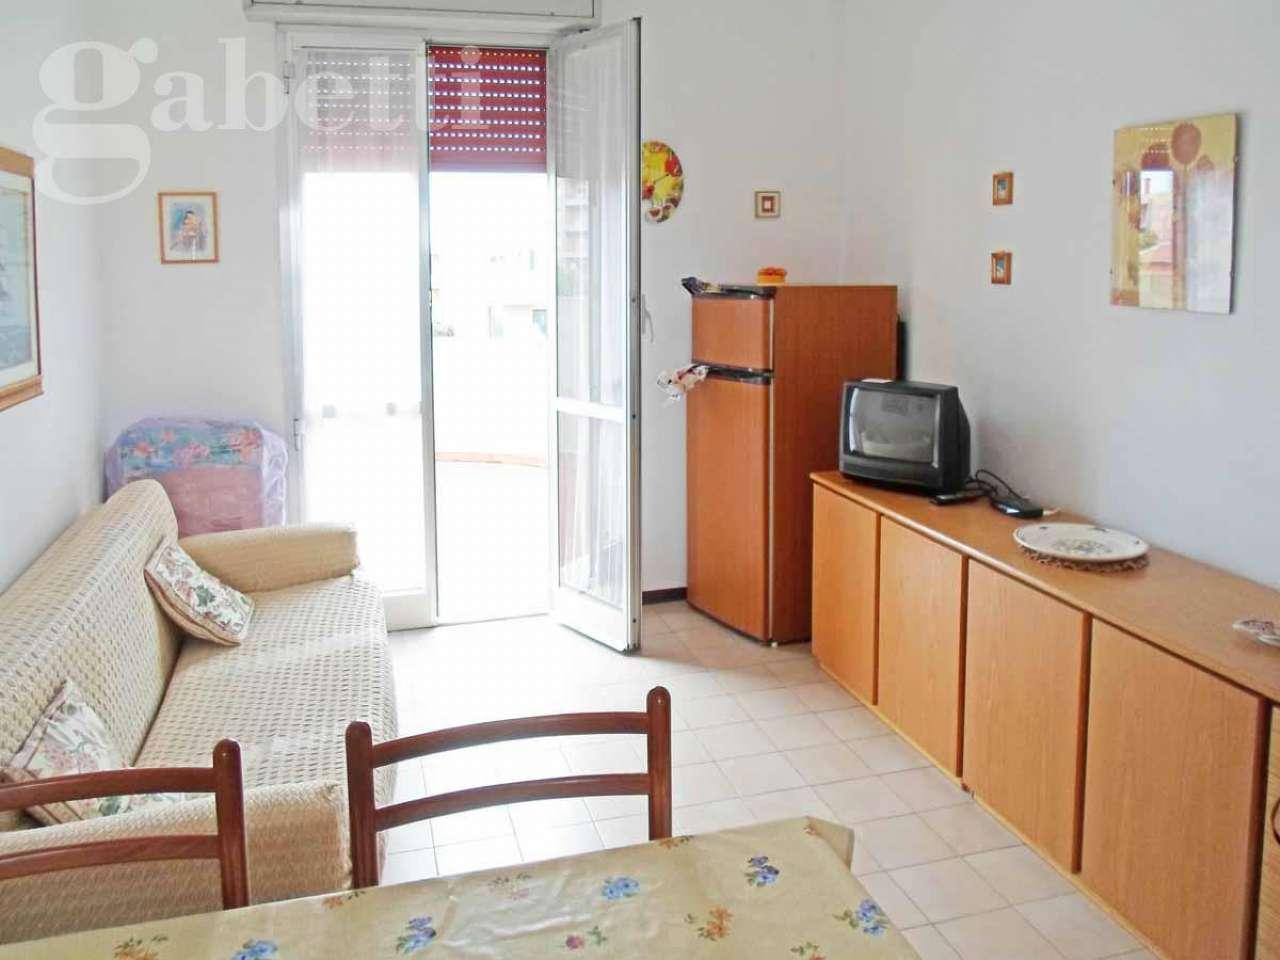 Appartamento in vendita a Mondolfo, 3 locali, prezzo € 85.000 | CambioCasa.it